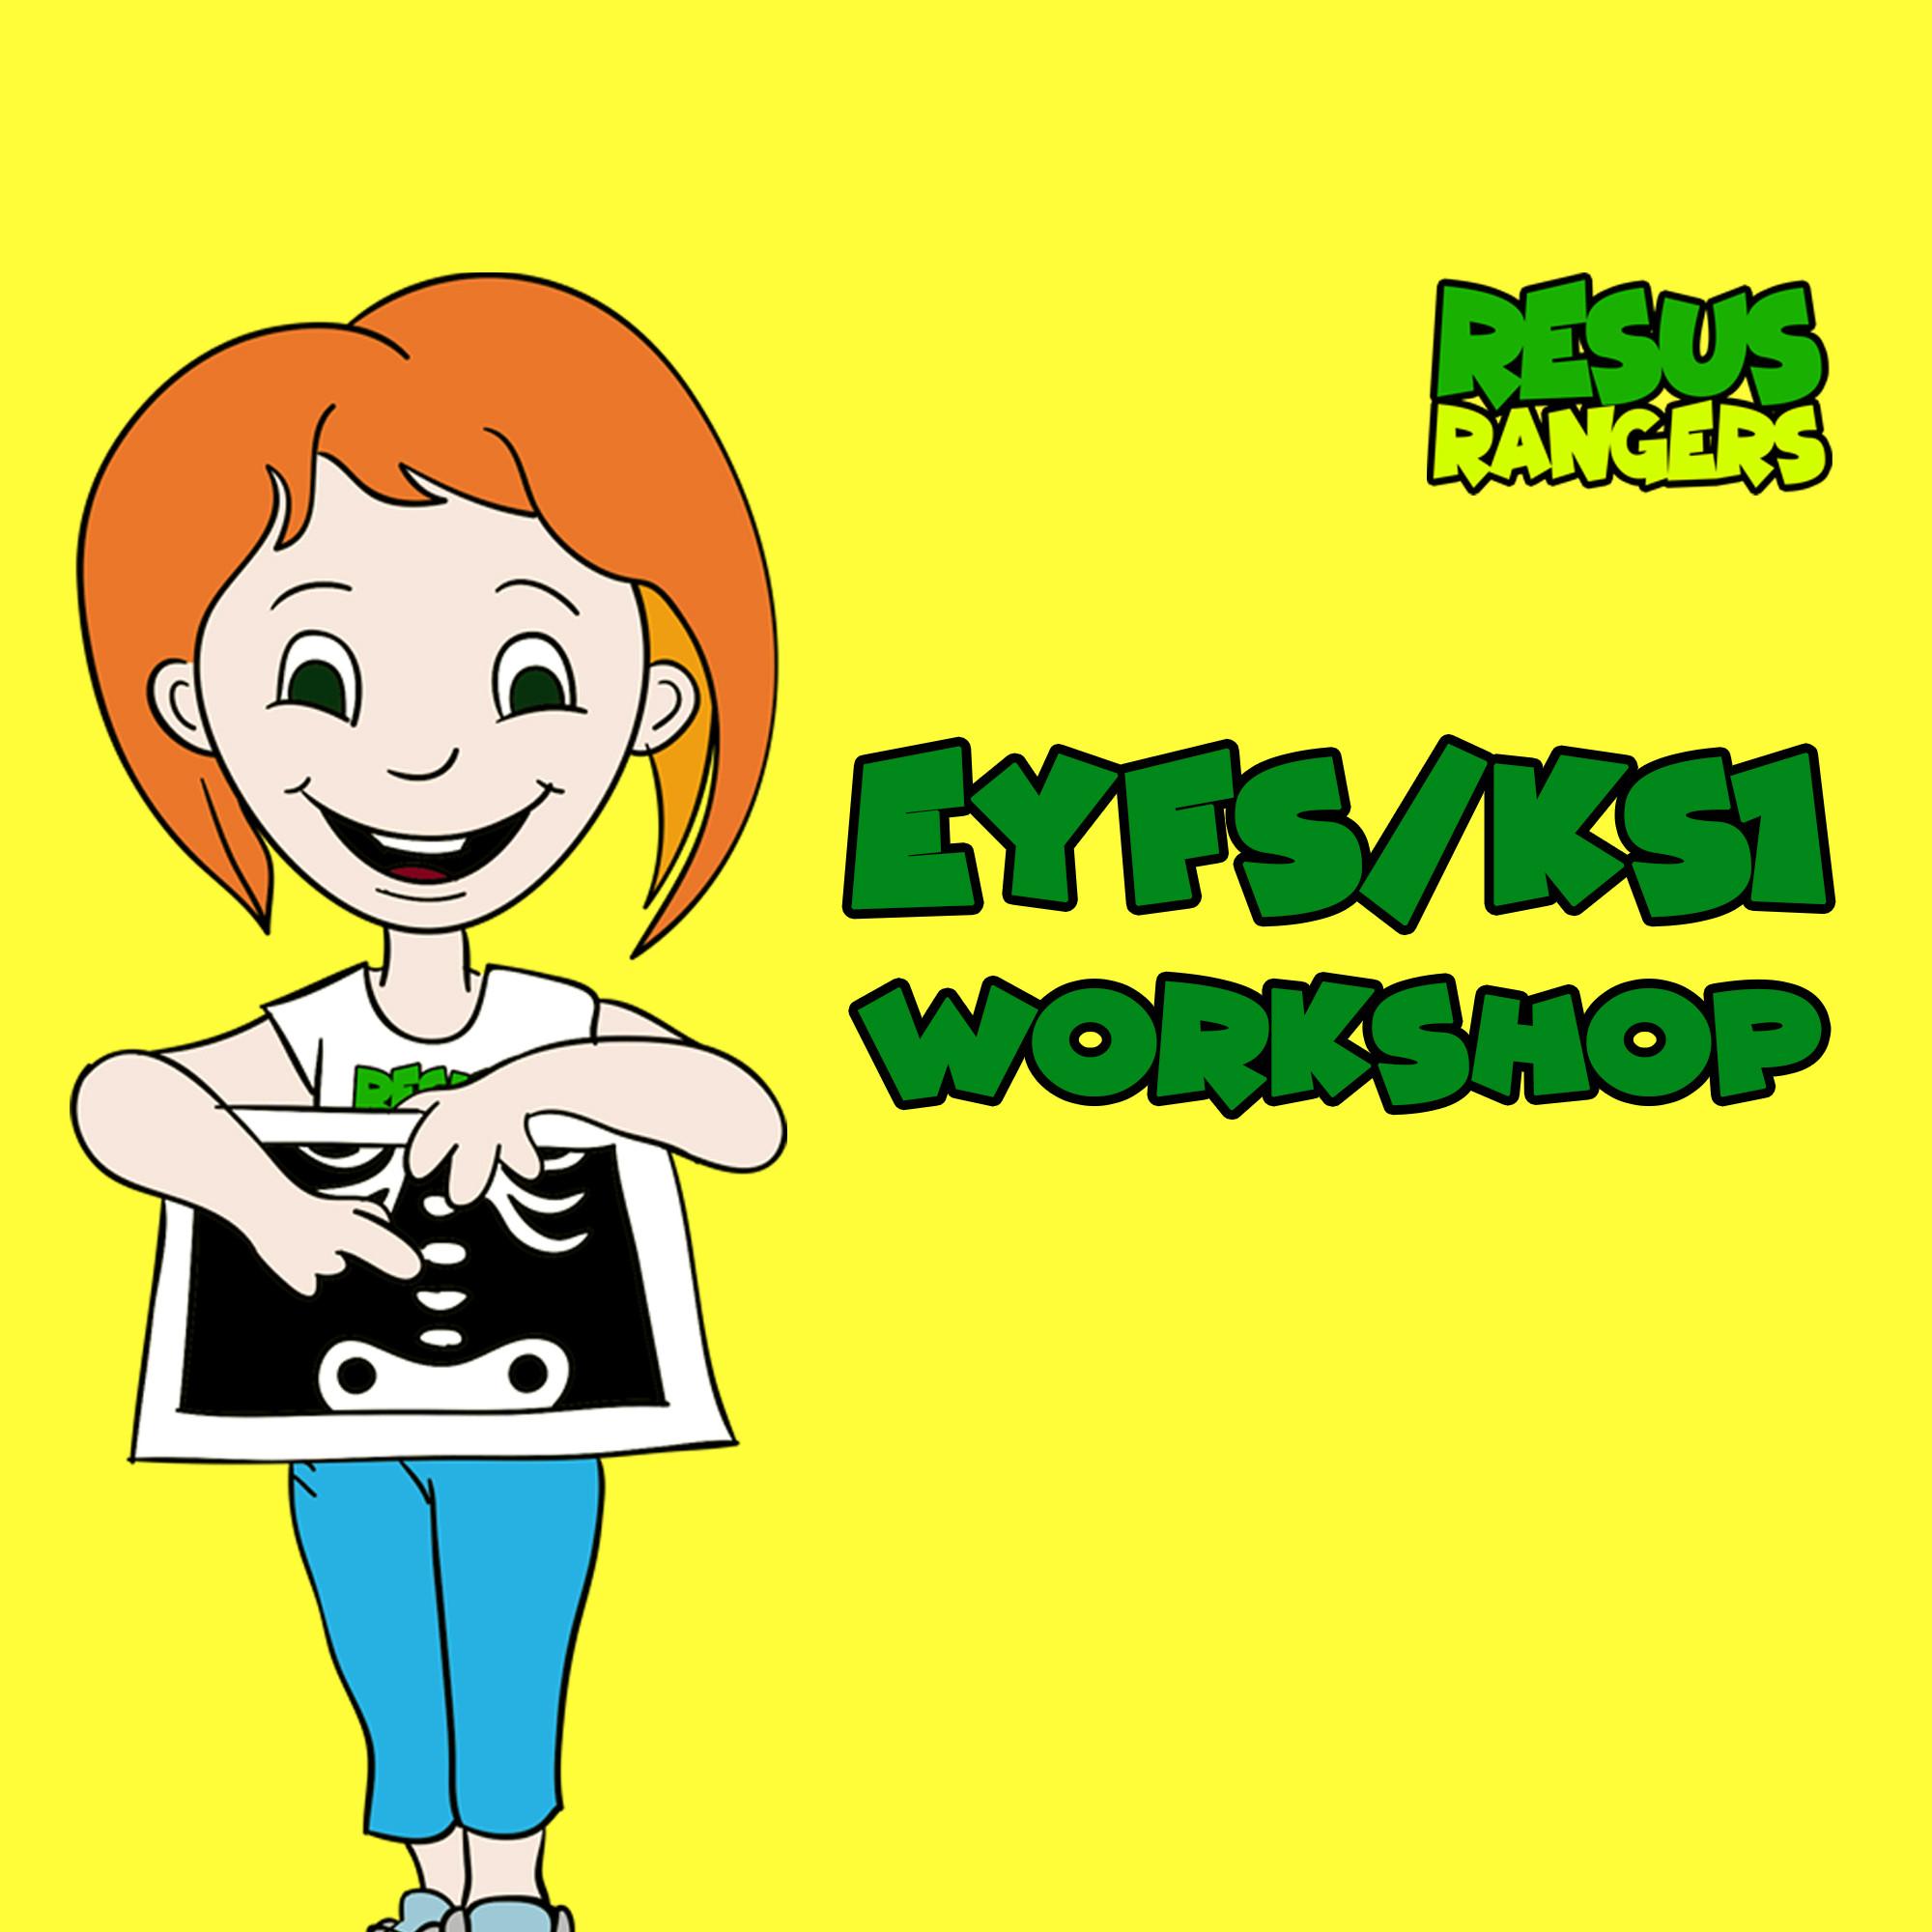 EYSF/KS1 Workshop